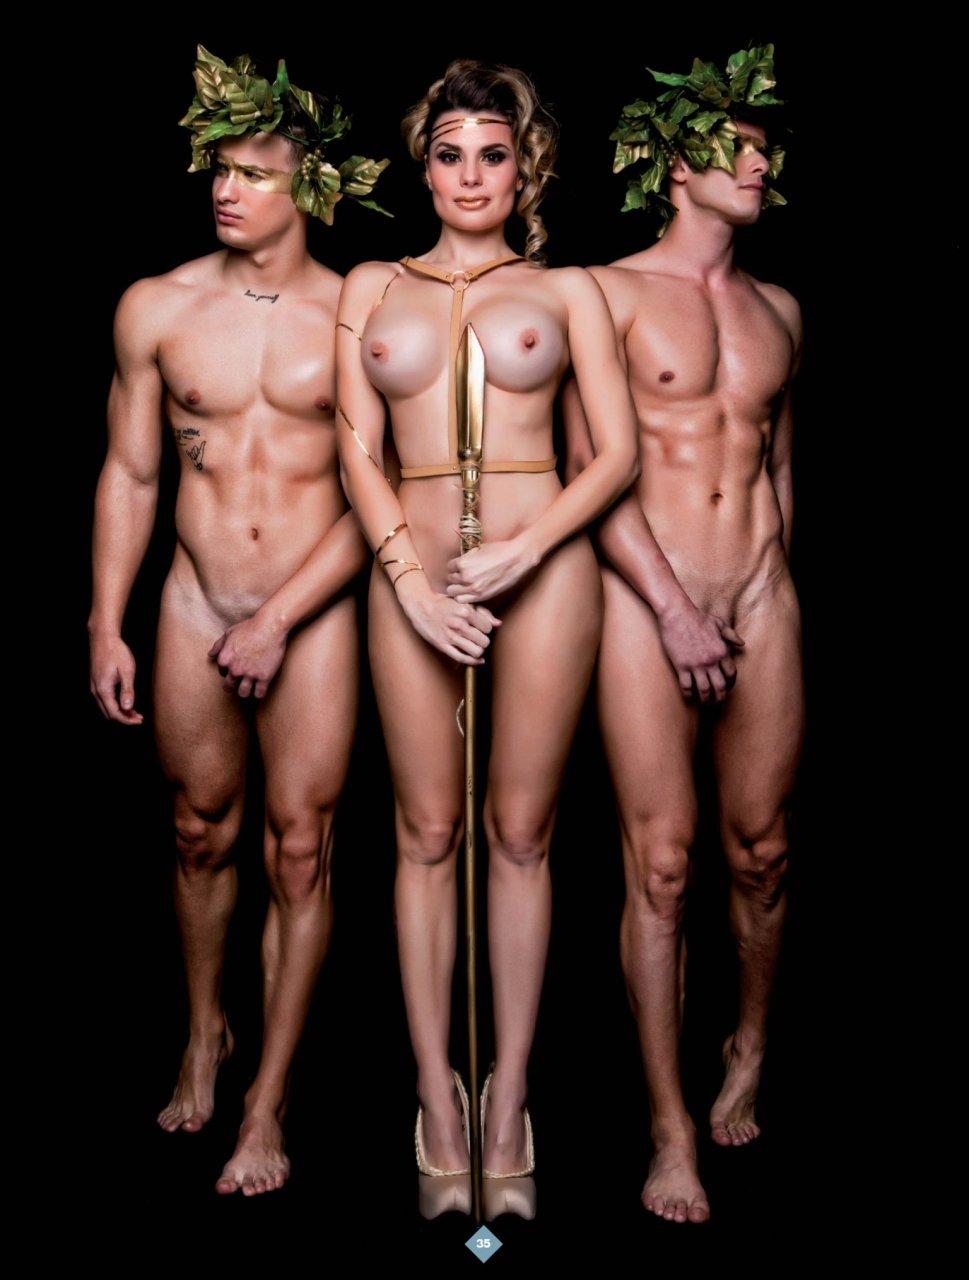 Maria lapiedra nude